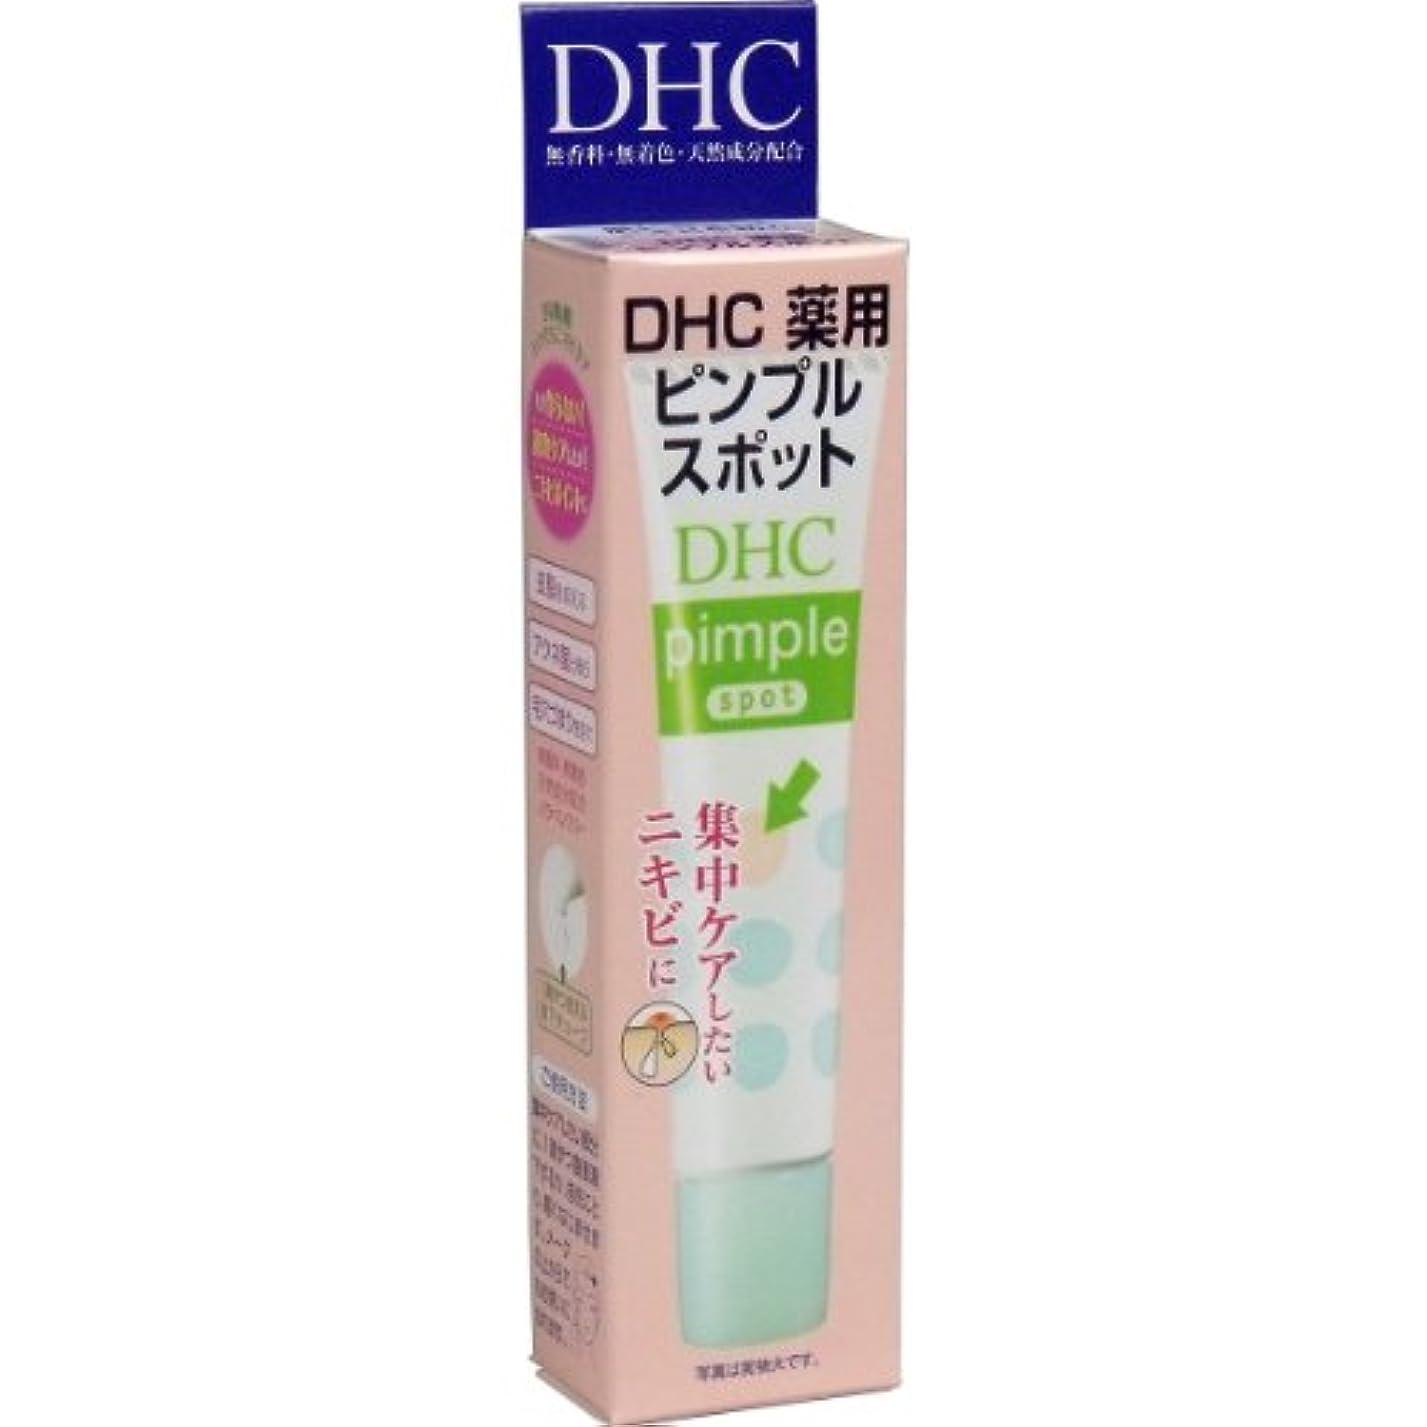 ストライク電気的はちみつ【DHC】DHC 薬用ピンプルスポット 15ml ×10個セット